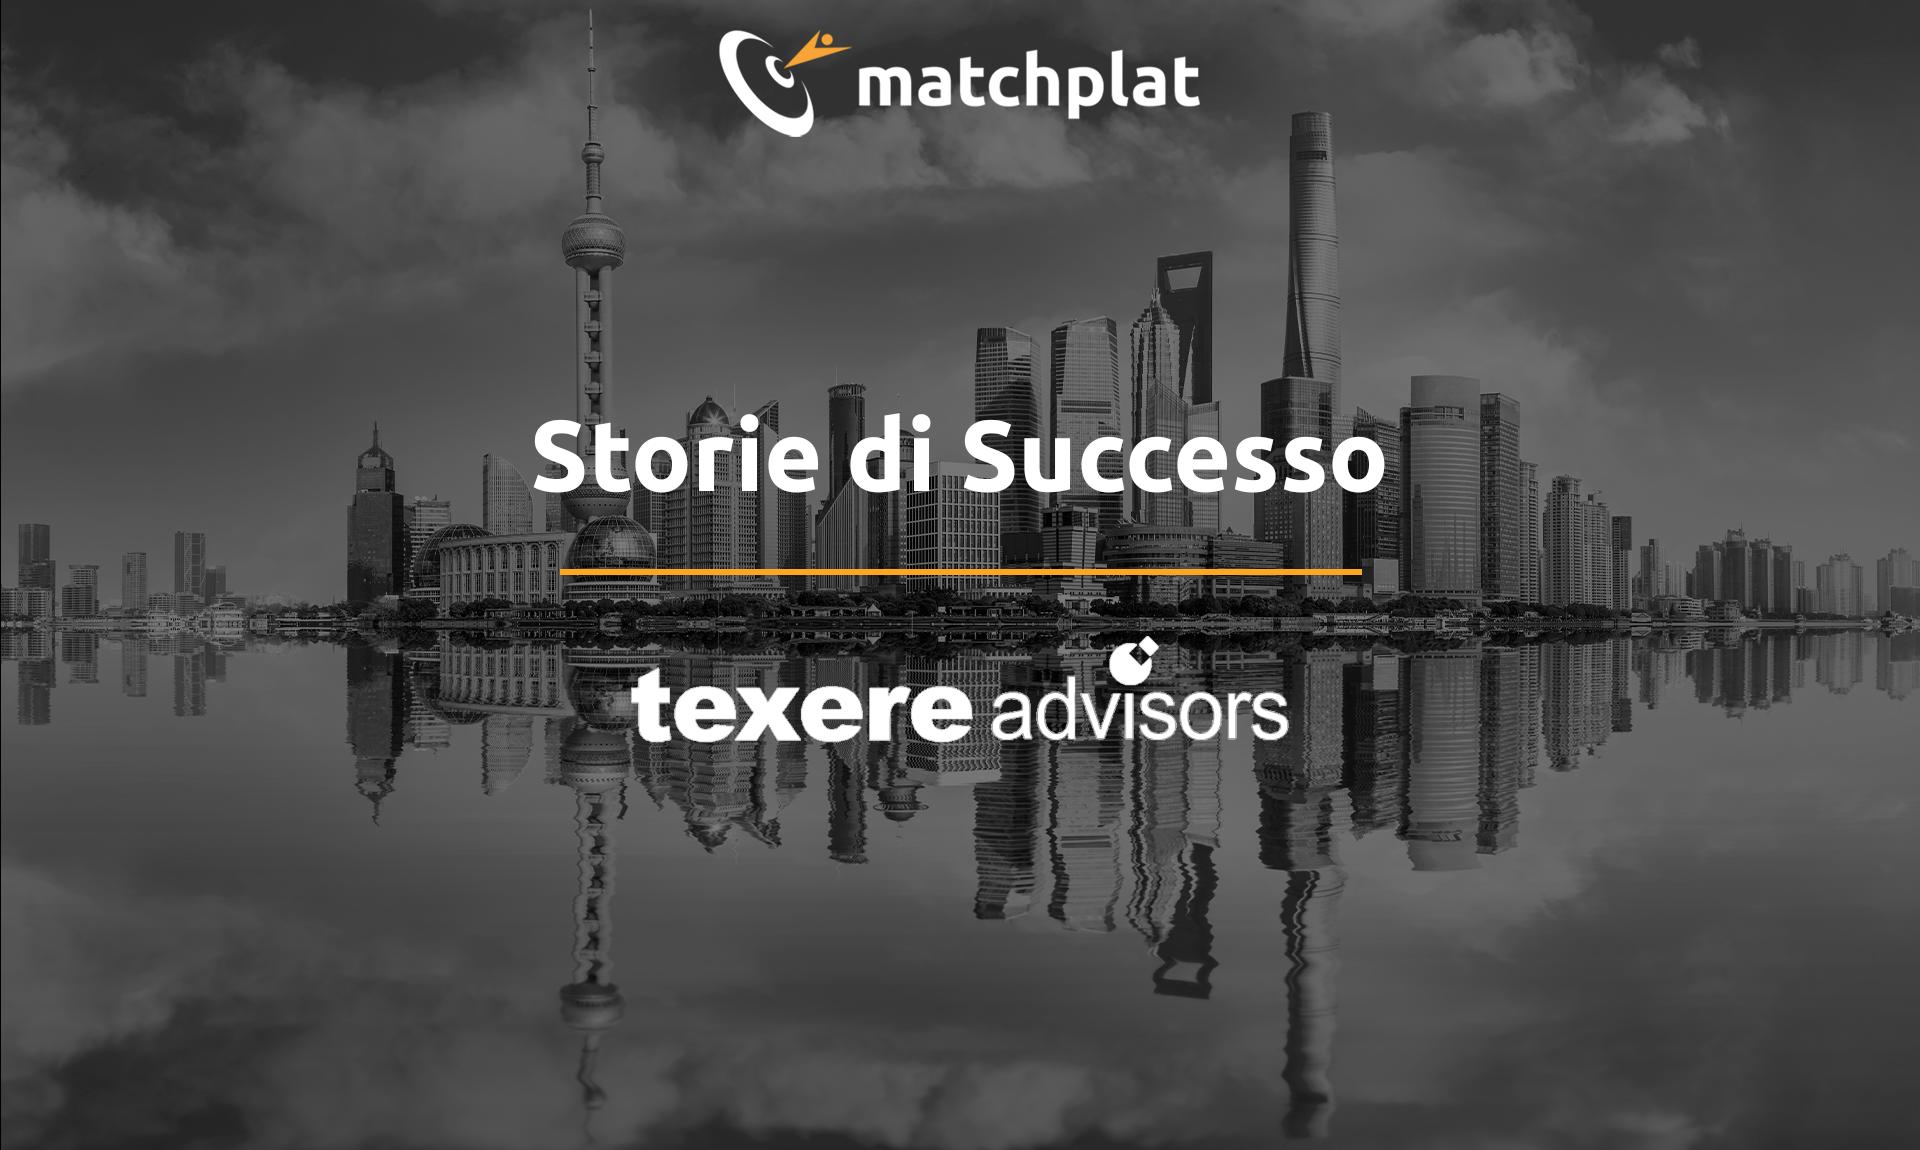 intervista a Andrea Bonardi - Texere Advisors